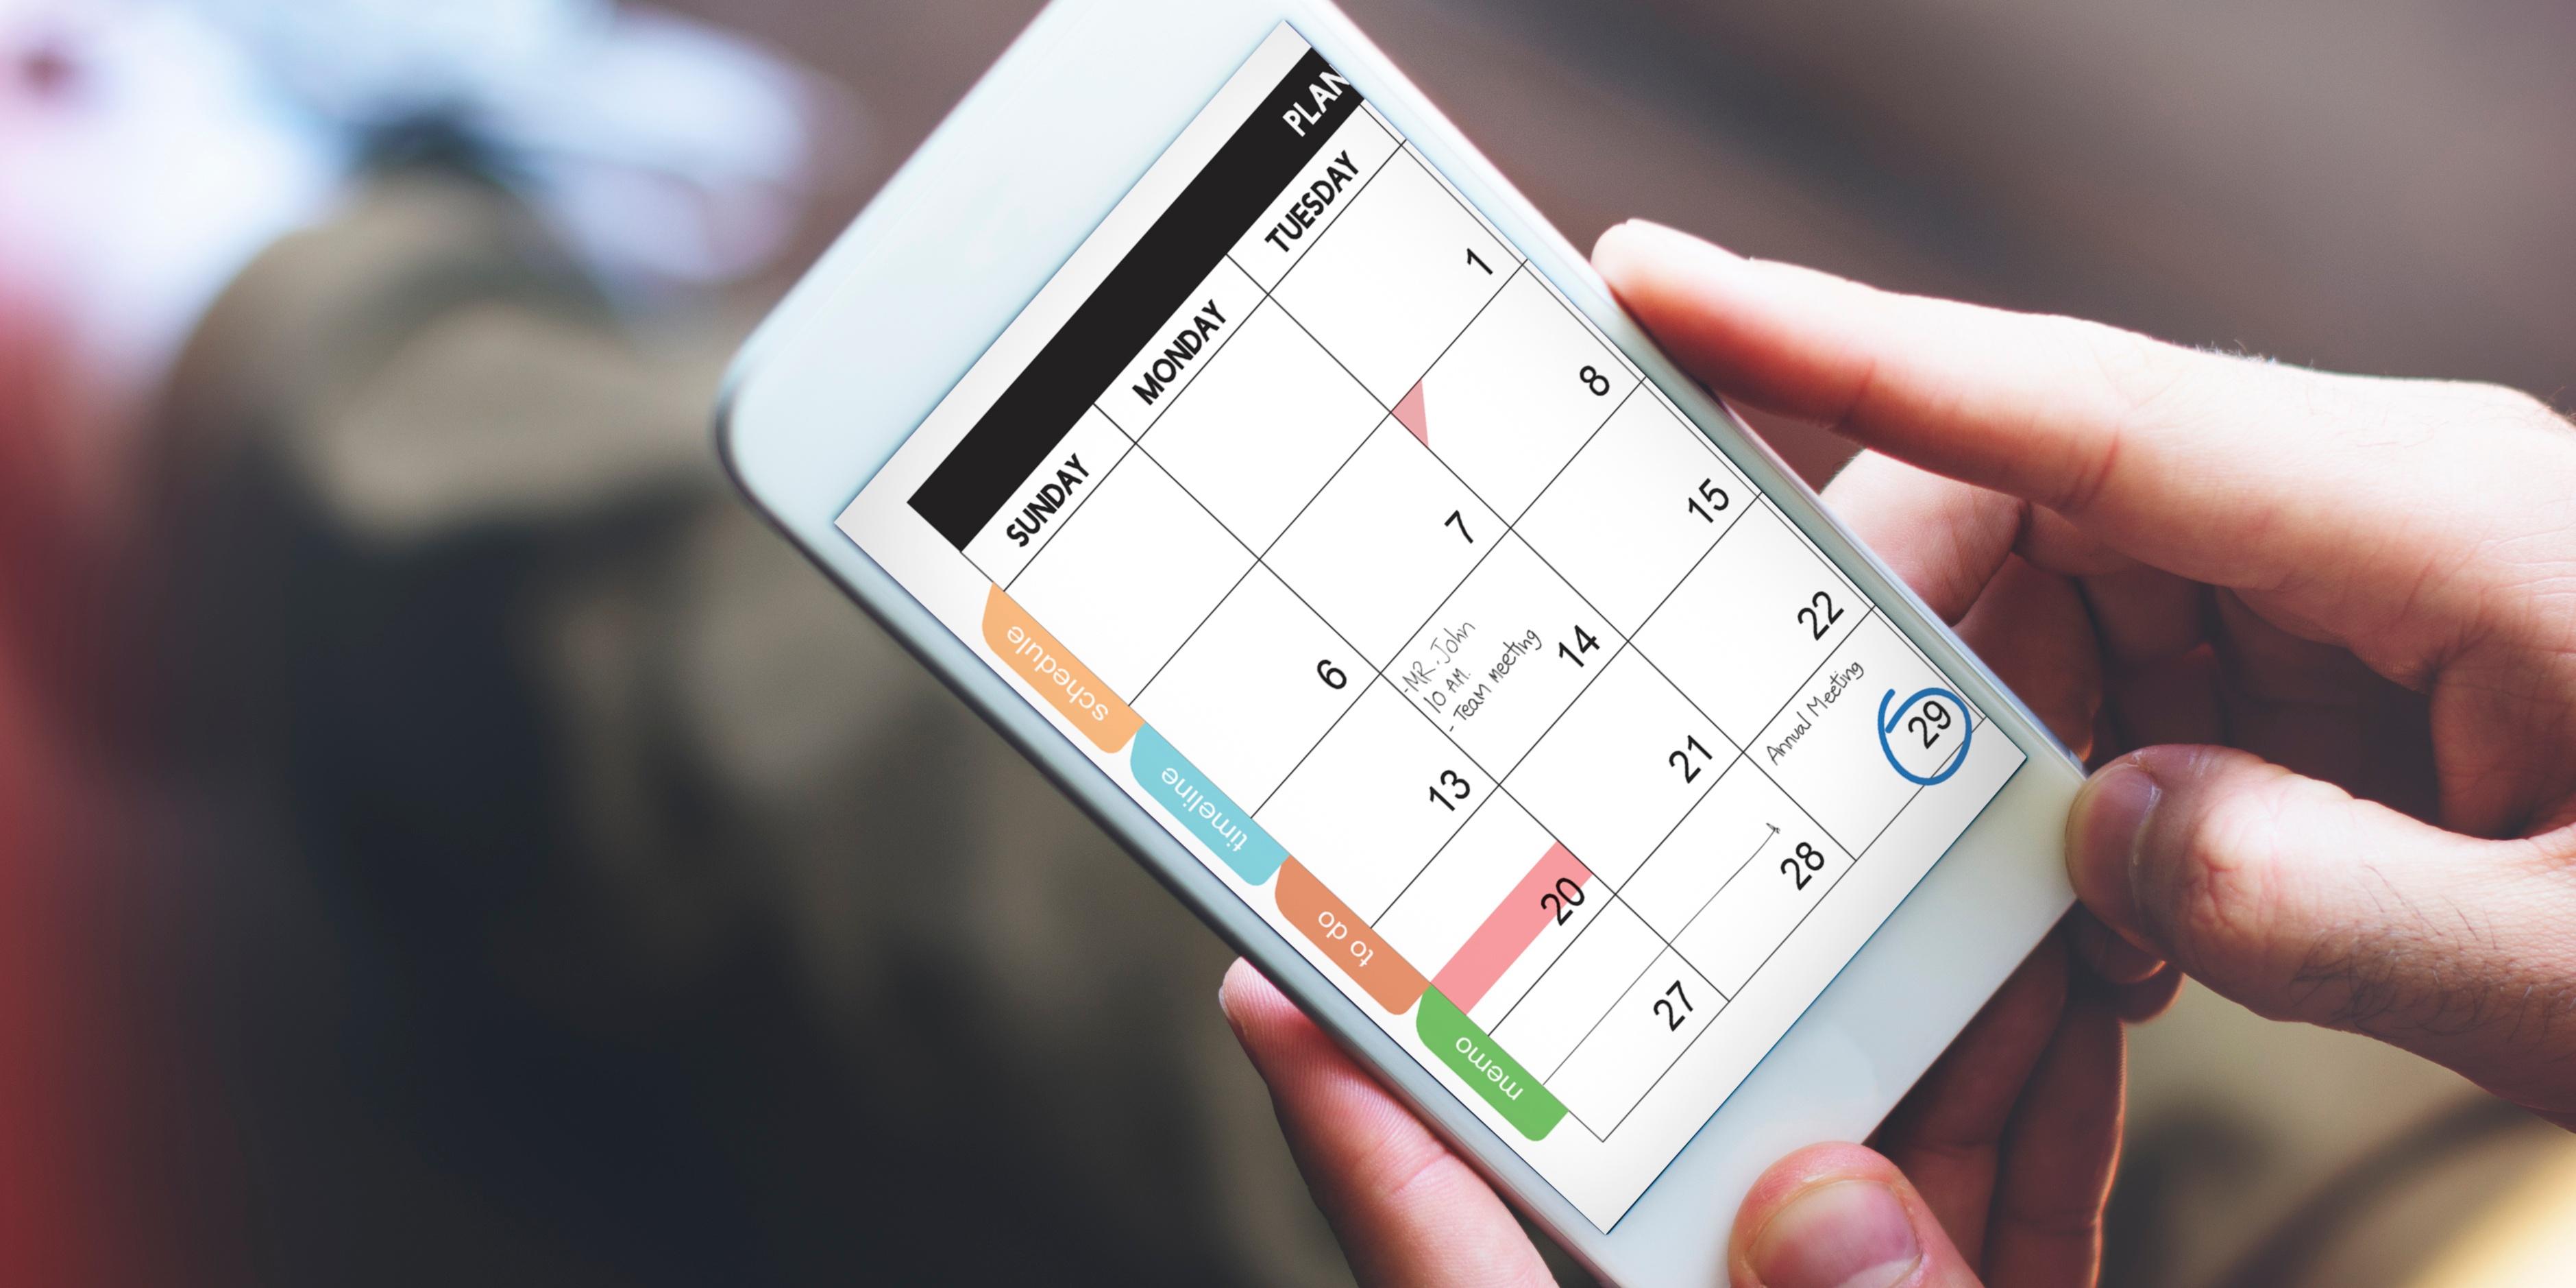 http://cdn2.hubspot.net/hubfs/497826/ThinkstockPhotos-497352372-content-calendar.jpg